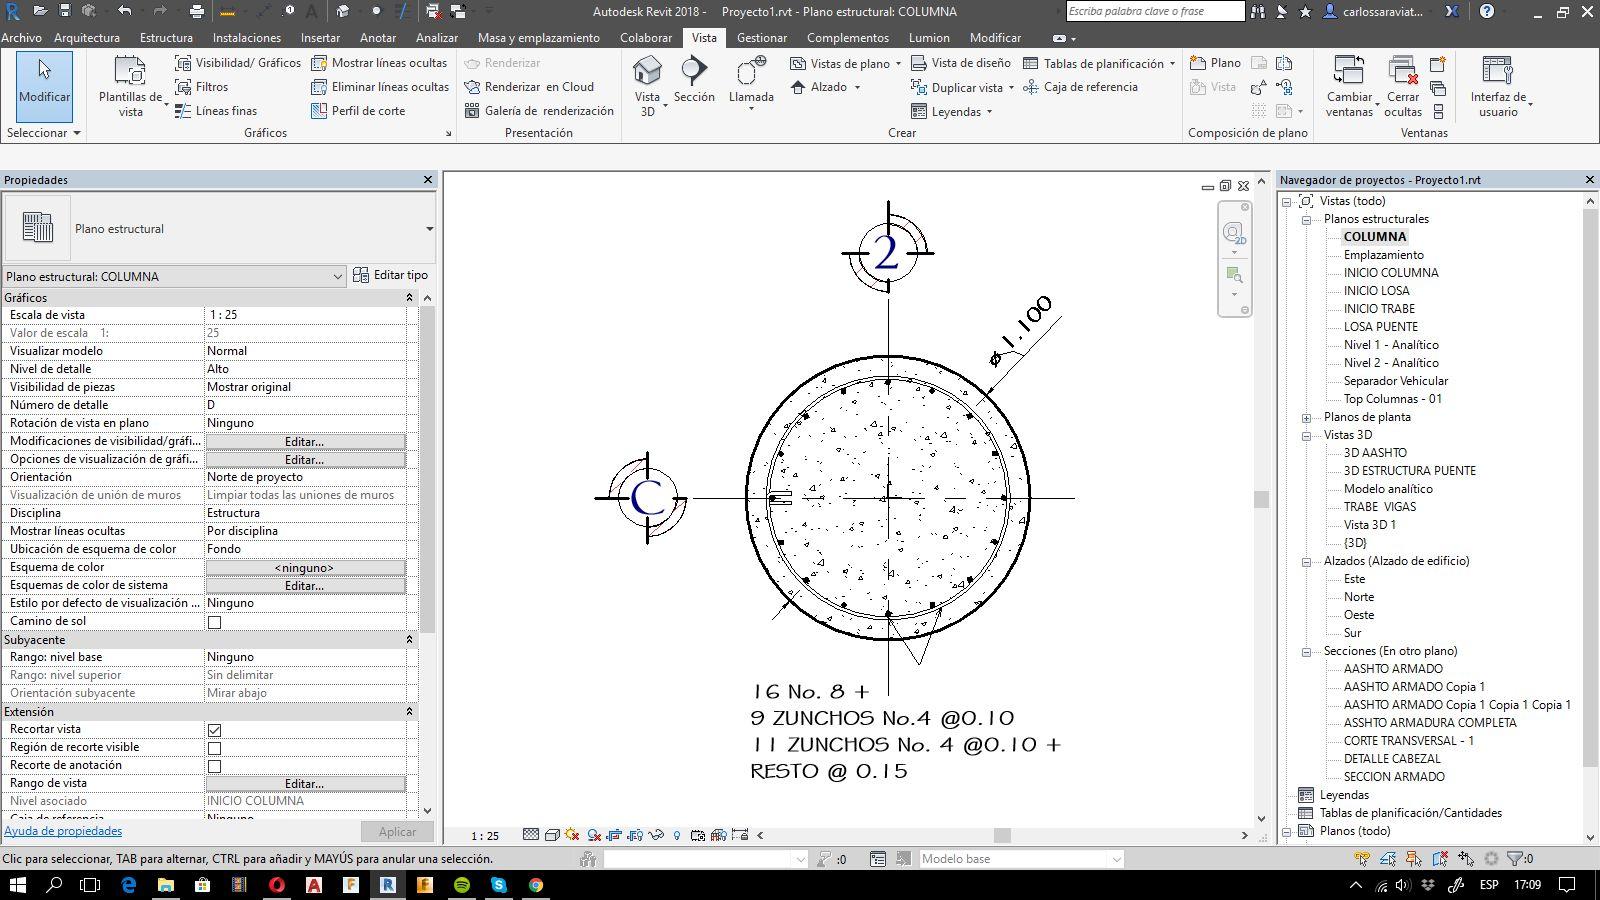 Captura-de-pantalla-24-3500-3500